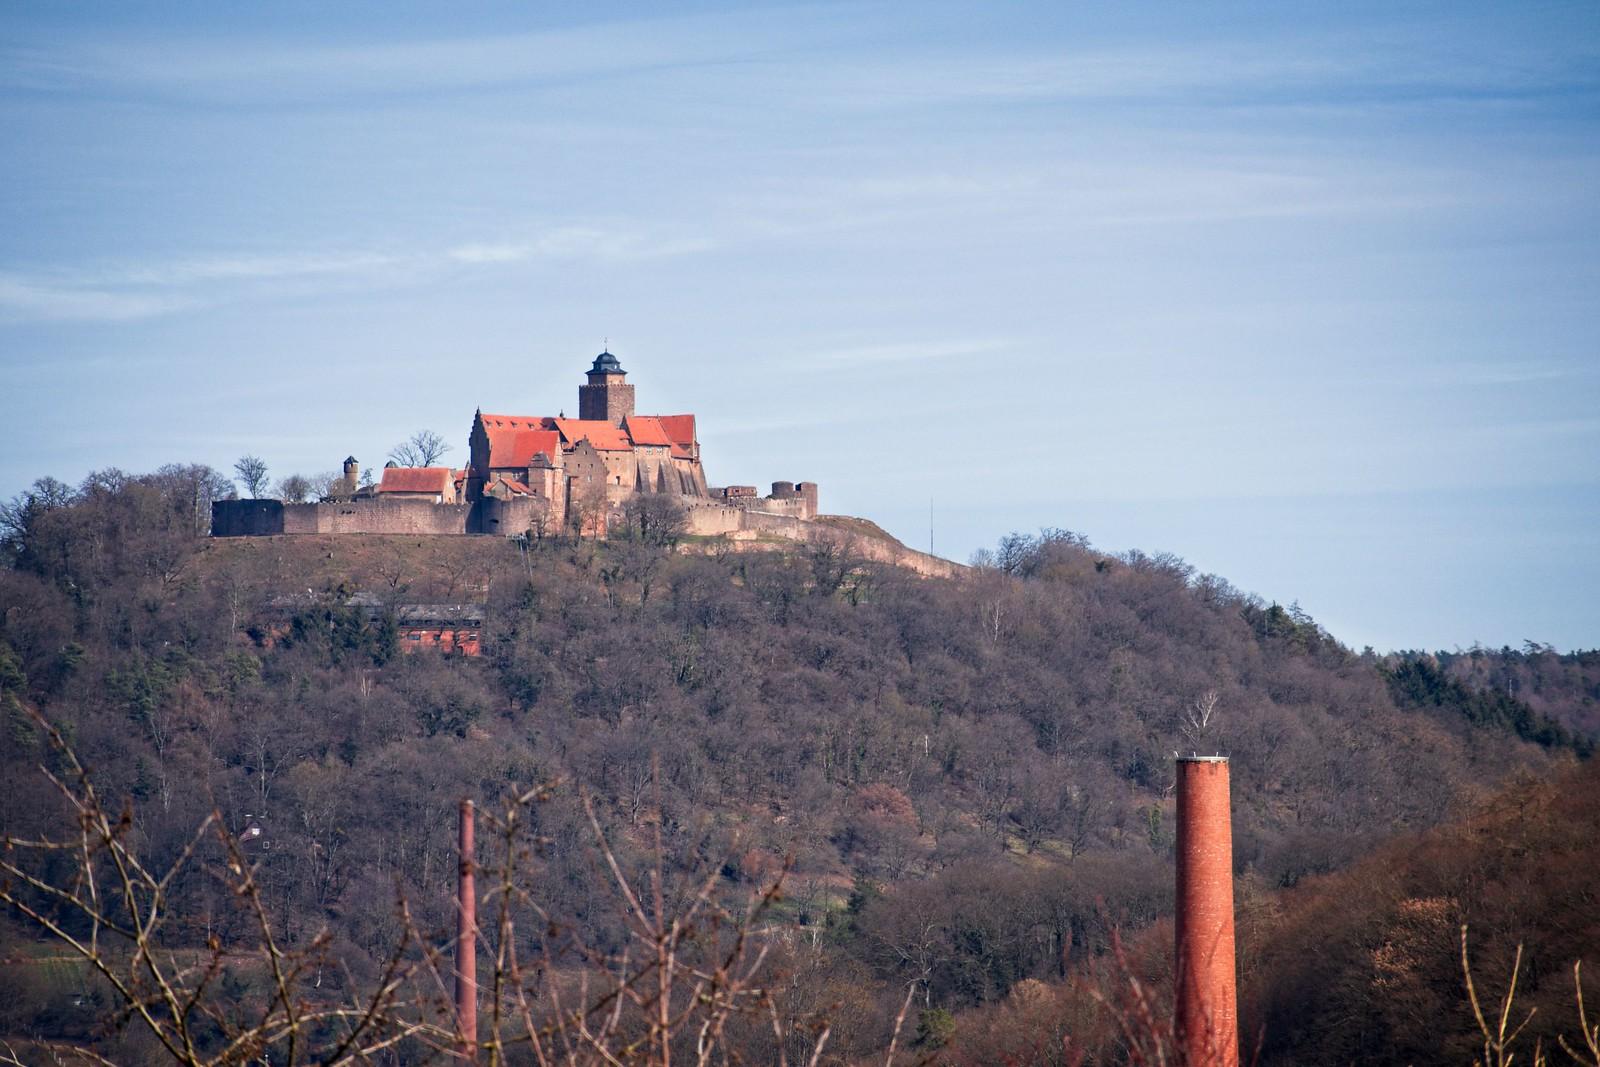 Burg Breuberg, gesehen von Höchst im Odenwald (Canon EOS M50, EF-M 55-200mm f/4.5-6.3 IS STM, 200 mm, Zeitautomatik, 1/500 sek @ f/8, ISO 100)